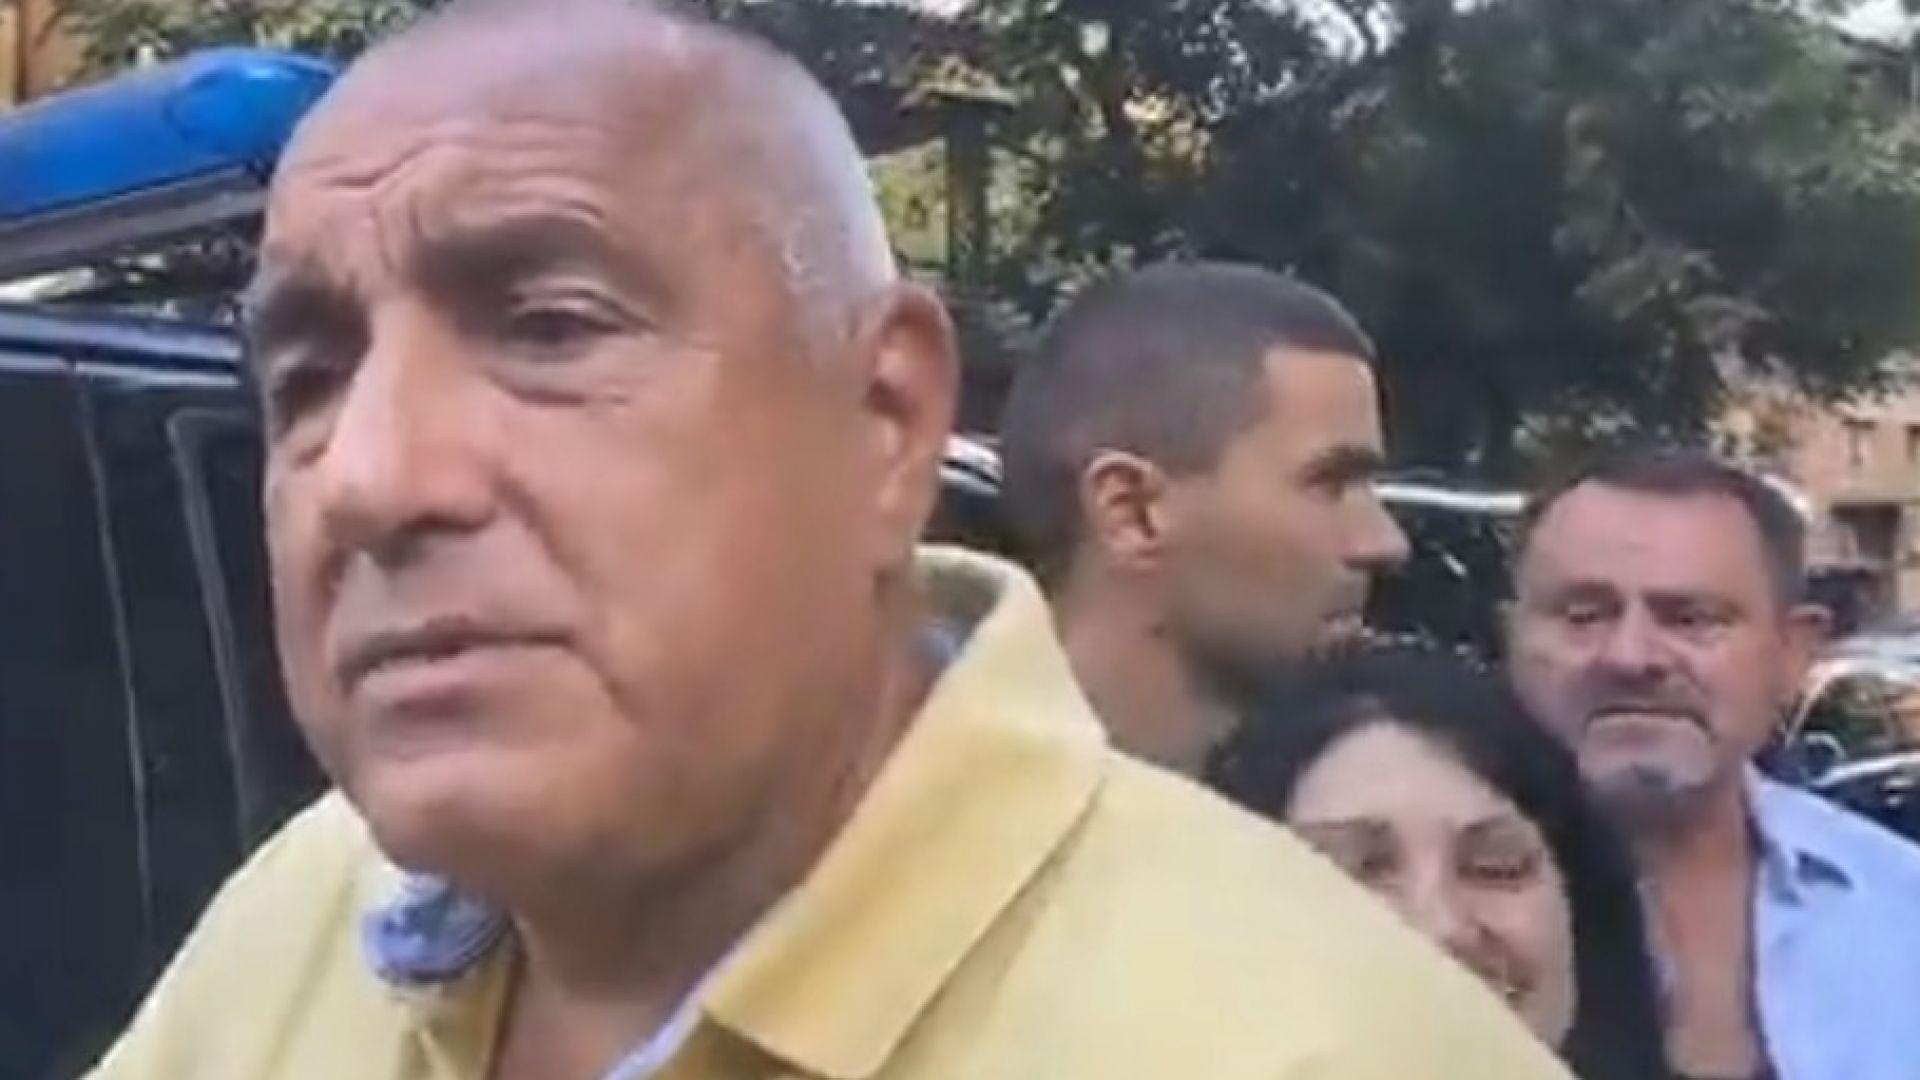 Борисов: Срещу мен има организирана група, подписах, че ще изкарам мандата (видео)